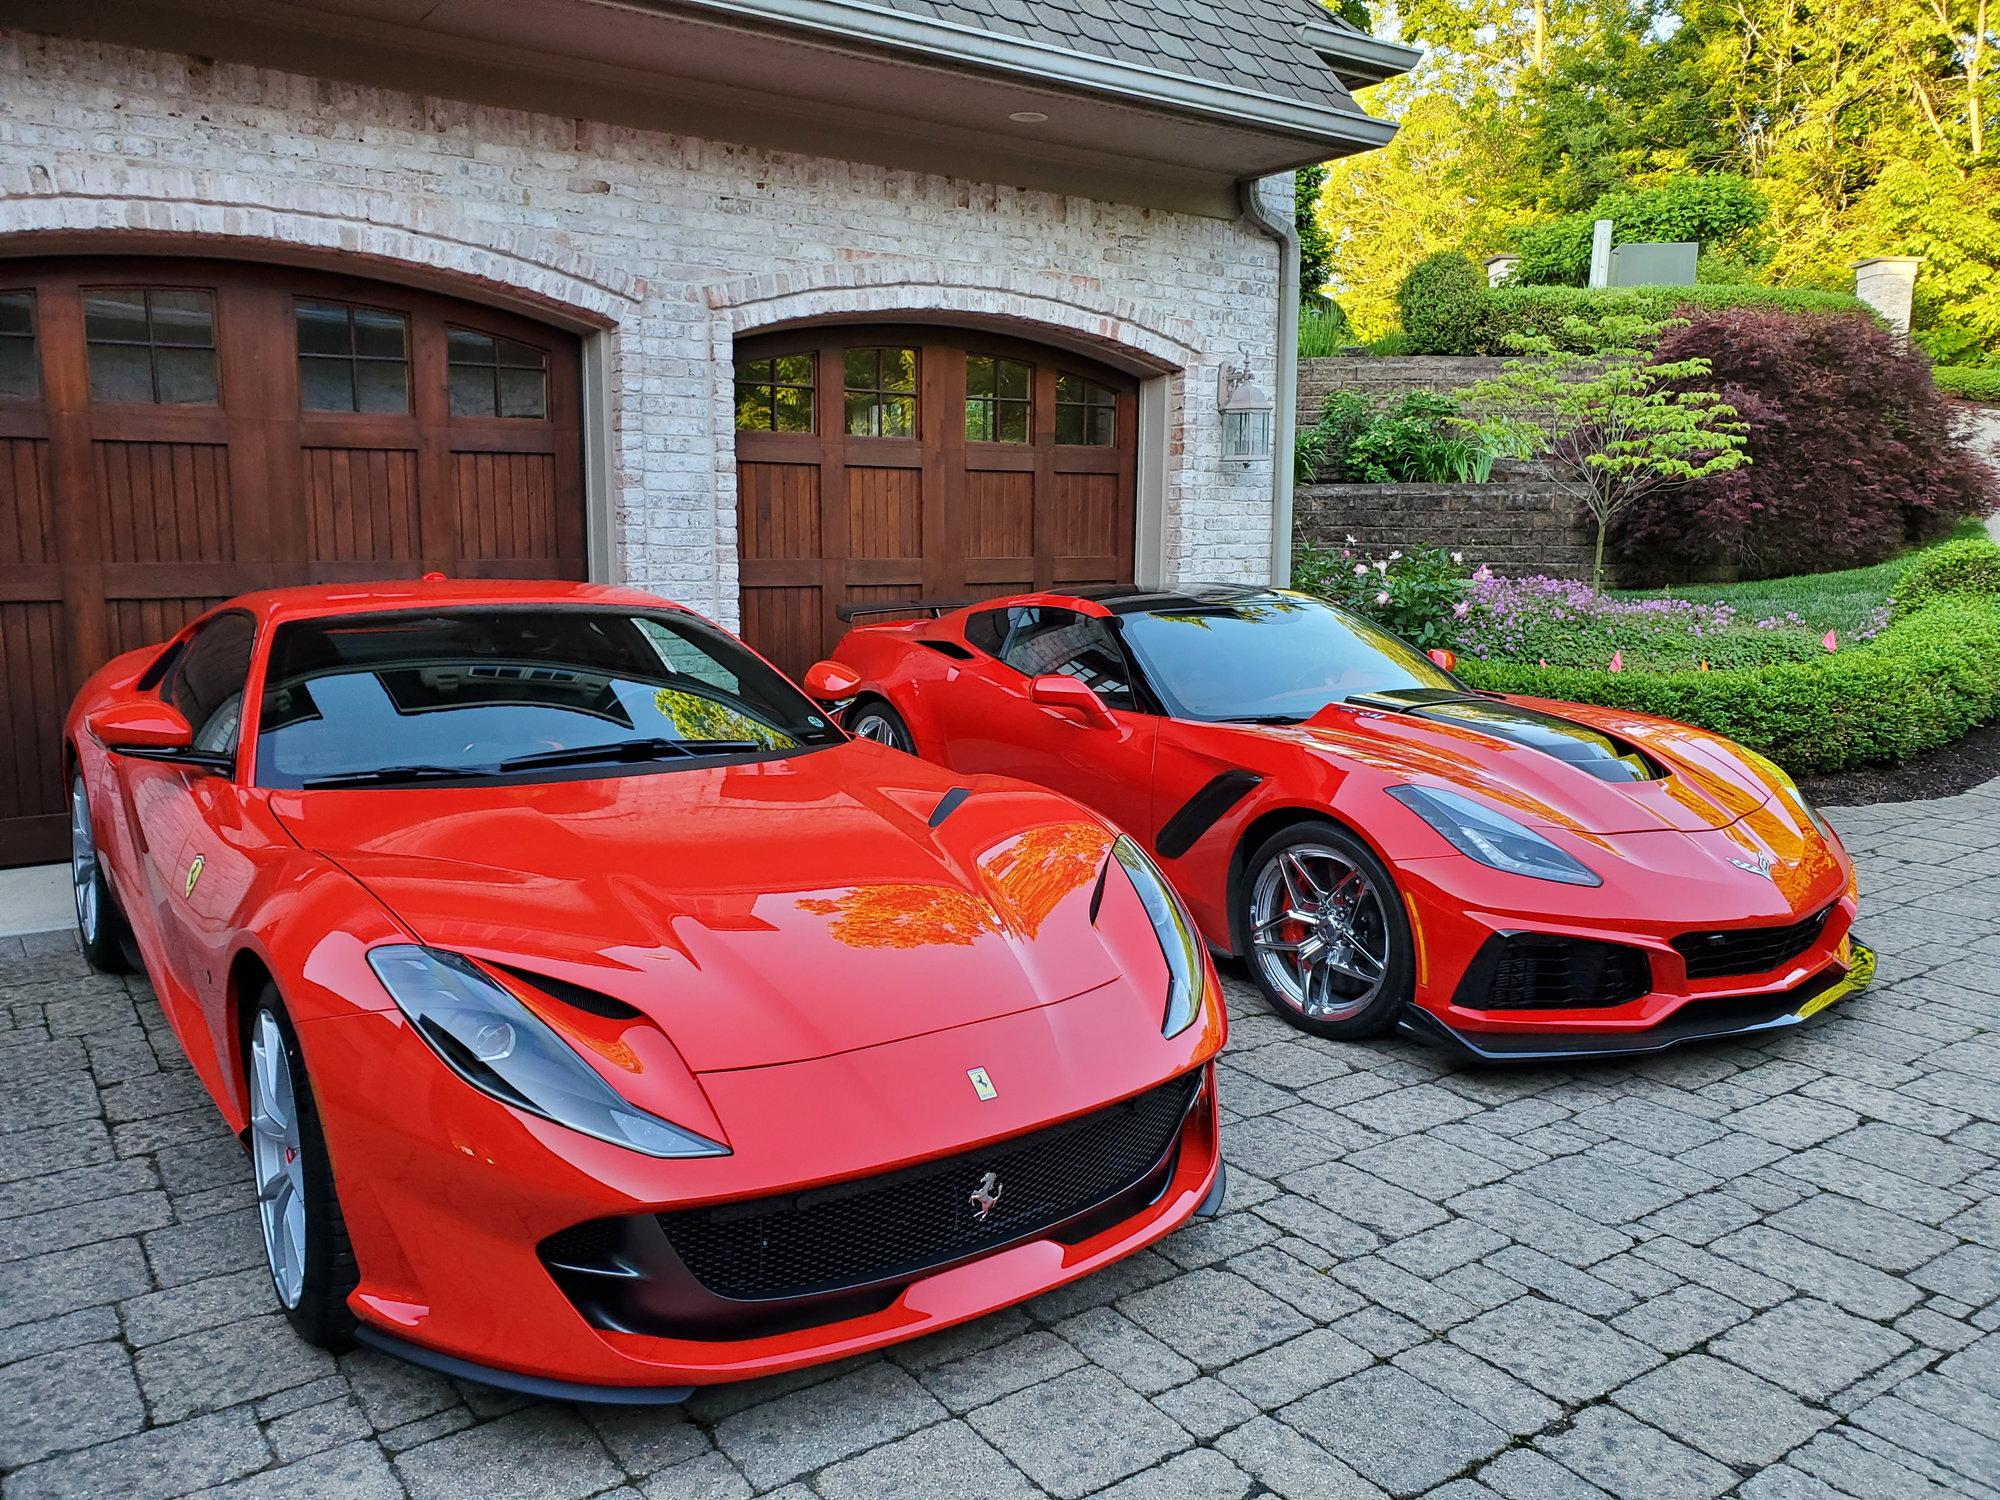 New Corvette owner. - CorvetteForum - Chevrolet Corvette